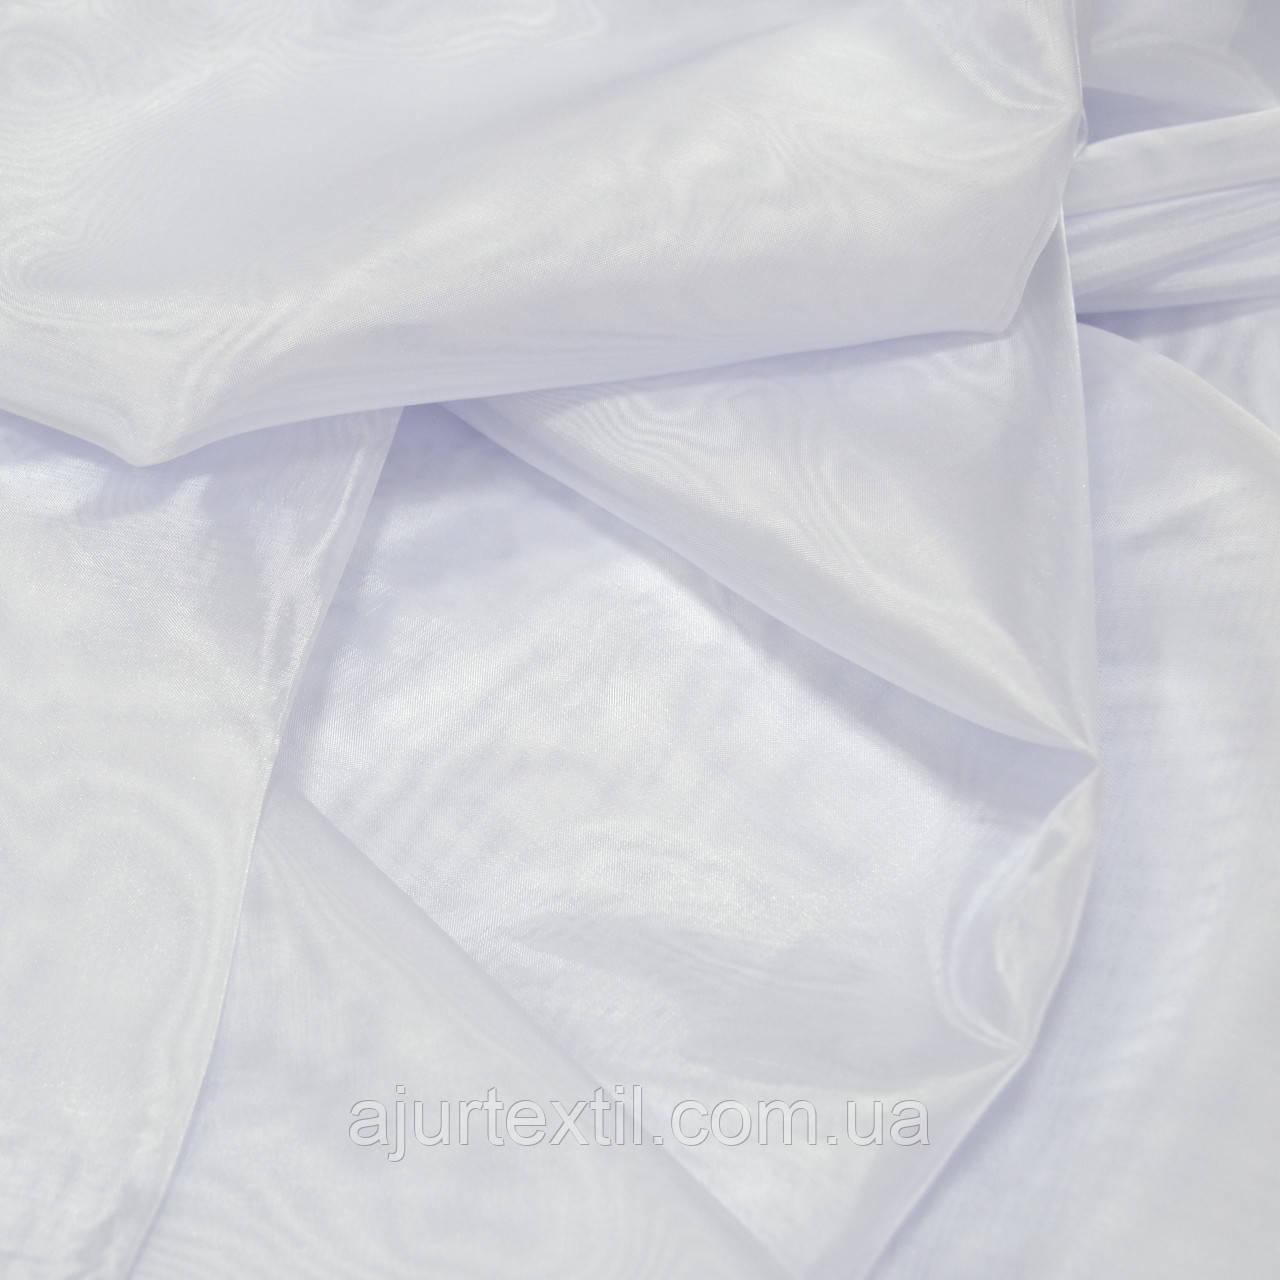 Тюль микрокристал белая